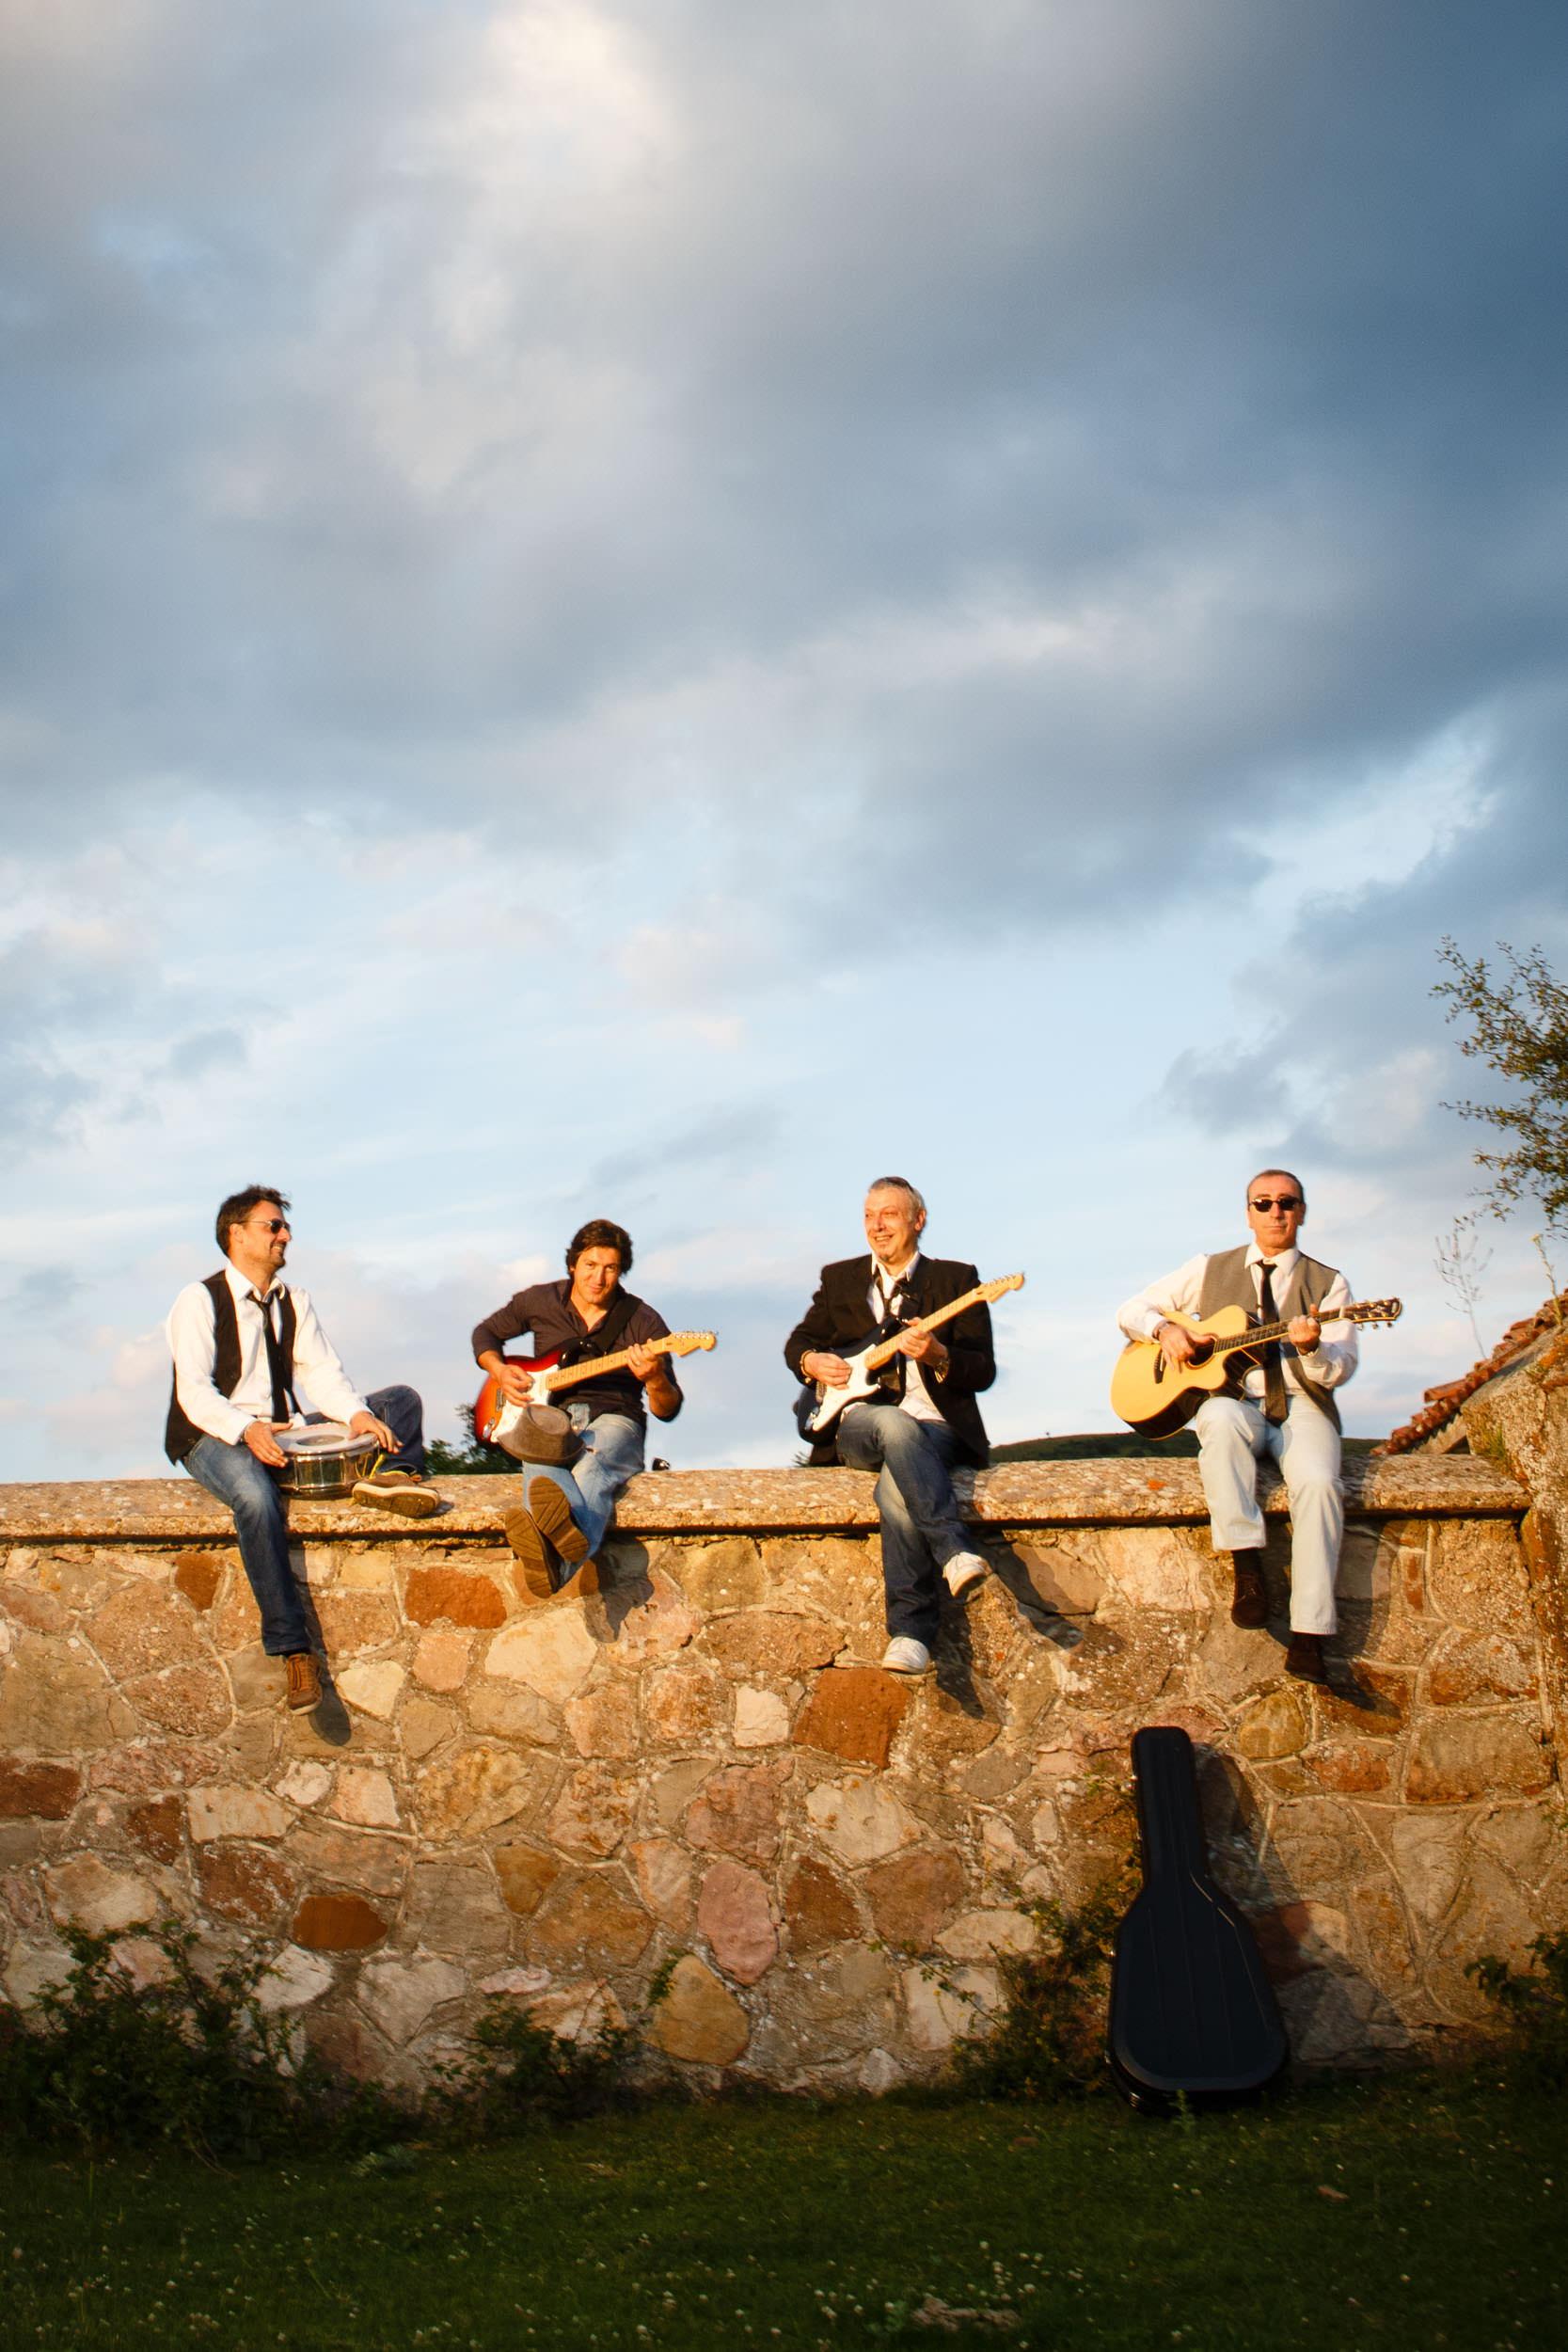 Fotografia de Retratos La Rioja Pais Vasco España - James Sturcke - sturcke.org_003.jpg